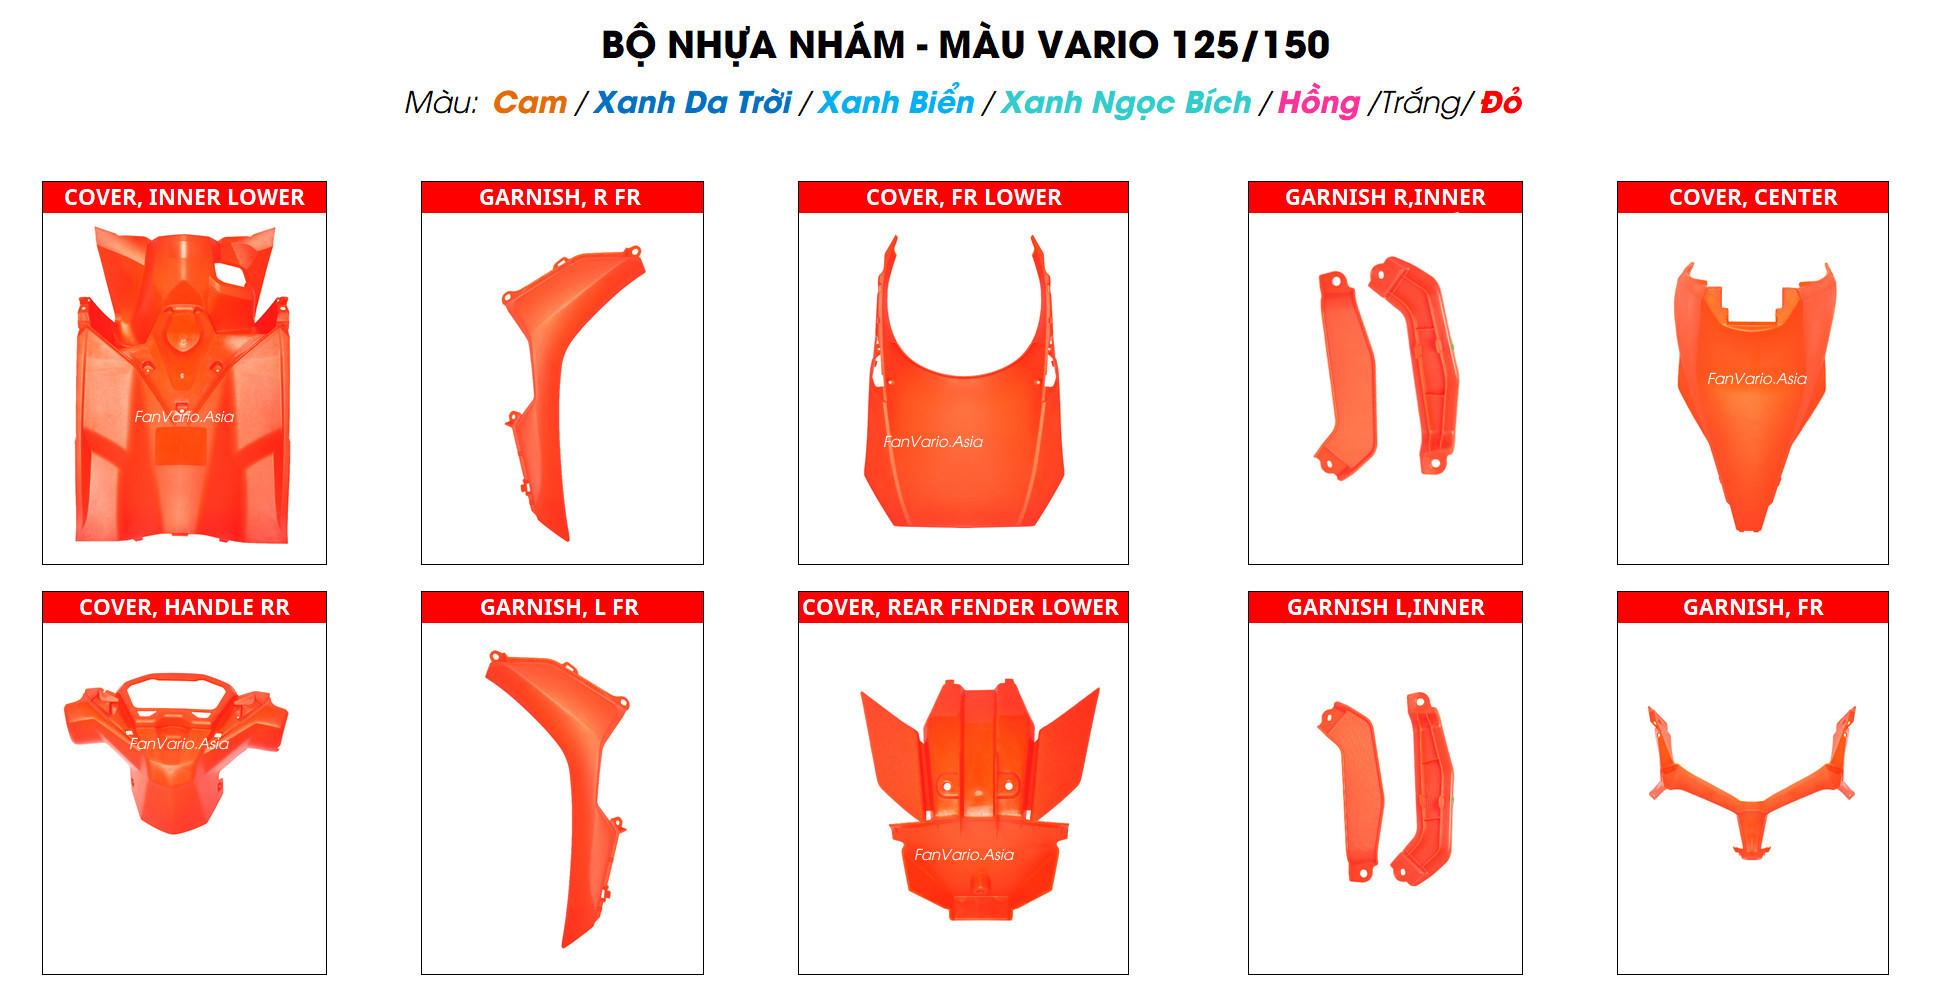 nhua-nham-mau-zediton-cho-vario